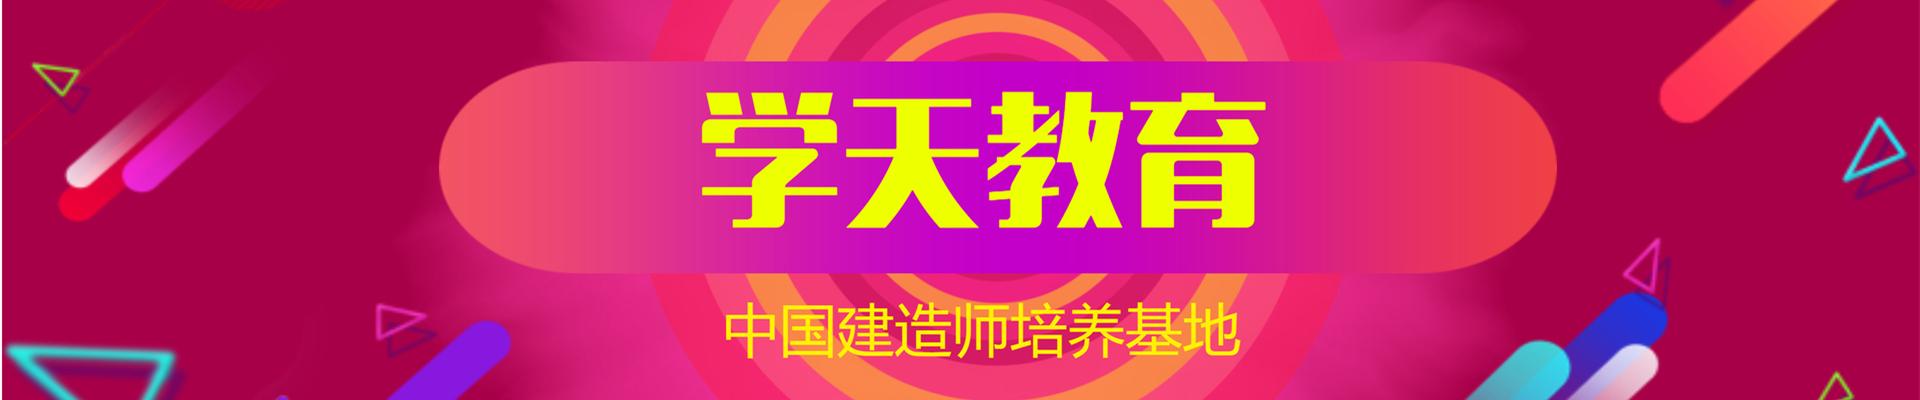 浙江金华学天教育培训